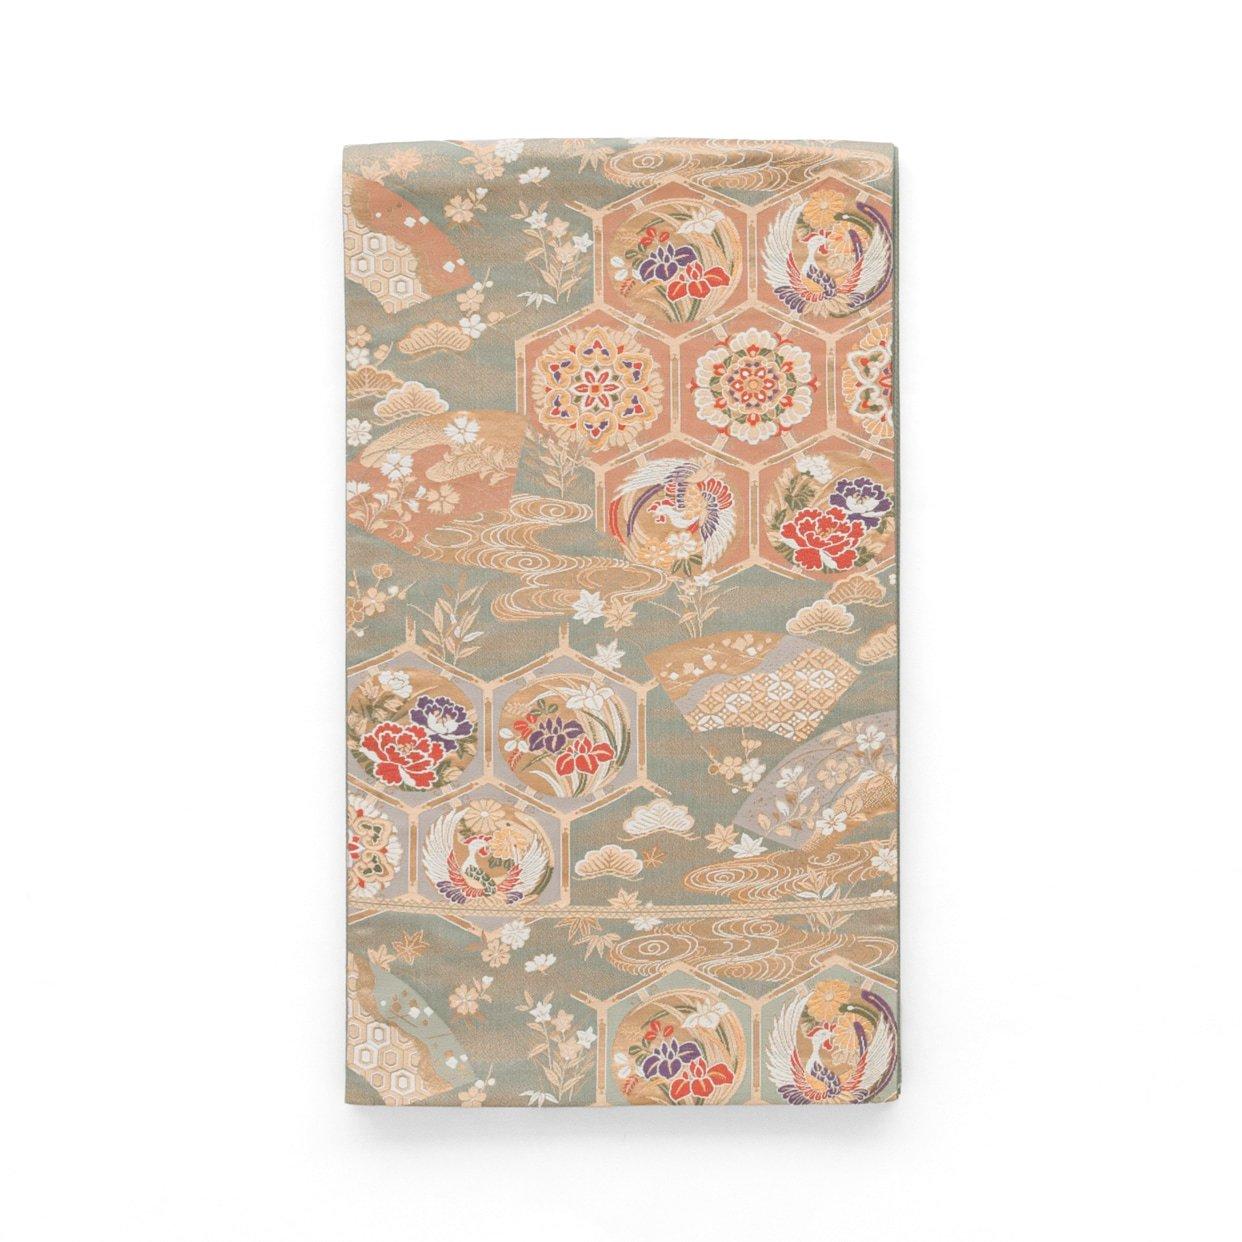 「袋帯●金亀甲に鶴や華紋」の商品画像